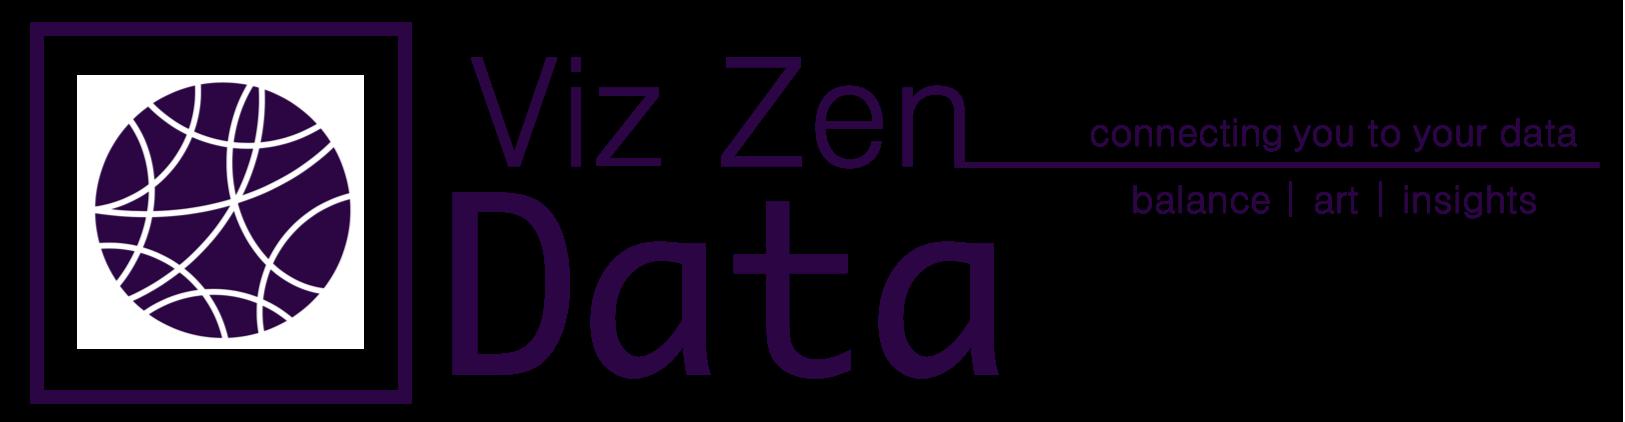 Viz Zen Data